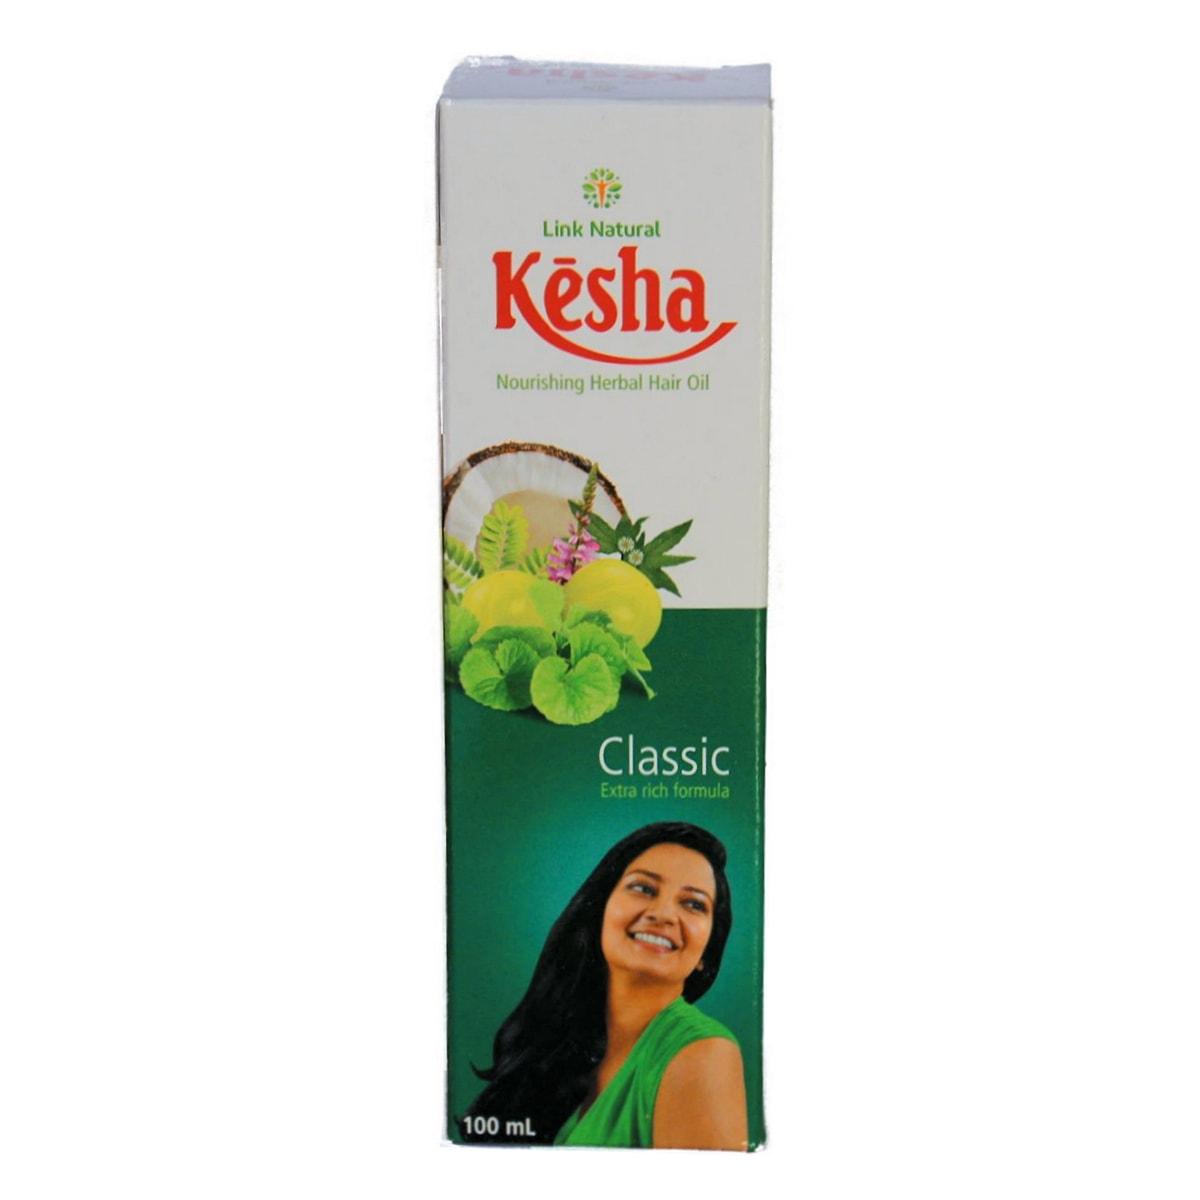 Buy Link Natural Kesha Herbal Beauty Hair Oil - 100 ml